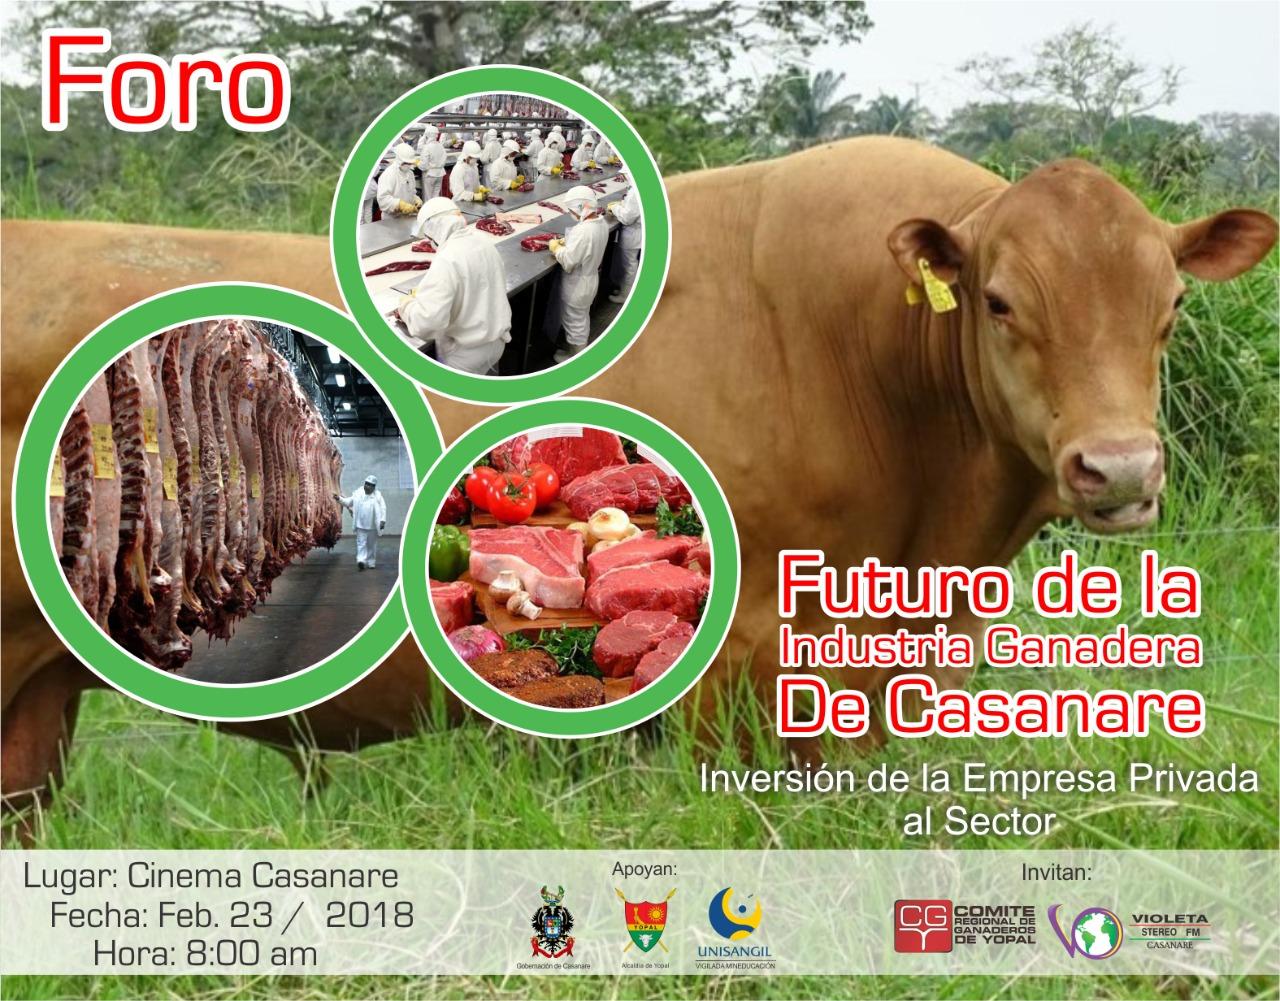 #EnAudio Foro sobre proyectos para frigorífico y negocio ganadero en #Yopal se realiza hoy en Cinema Casanare. Invitados posibles inversores.